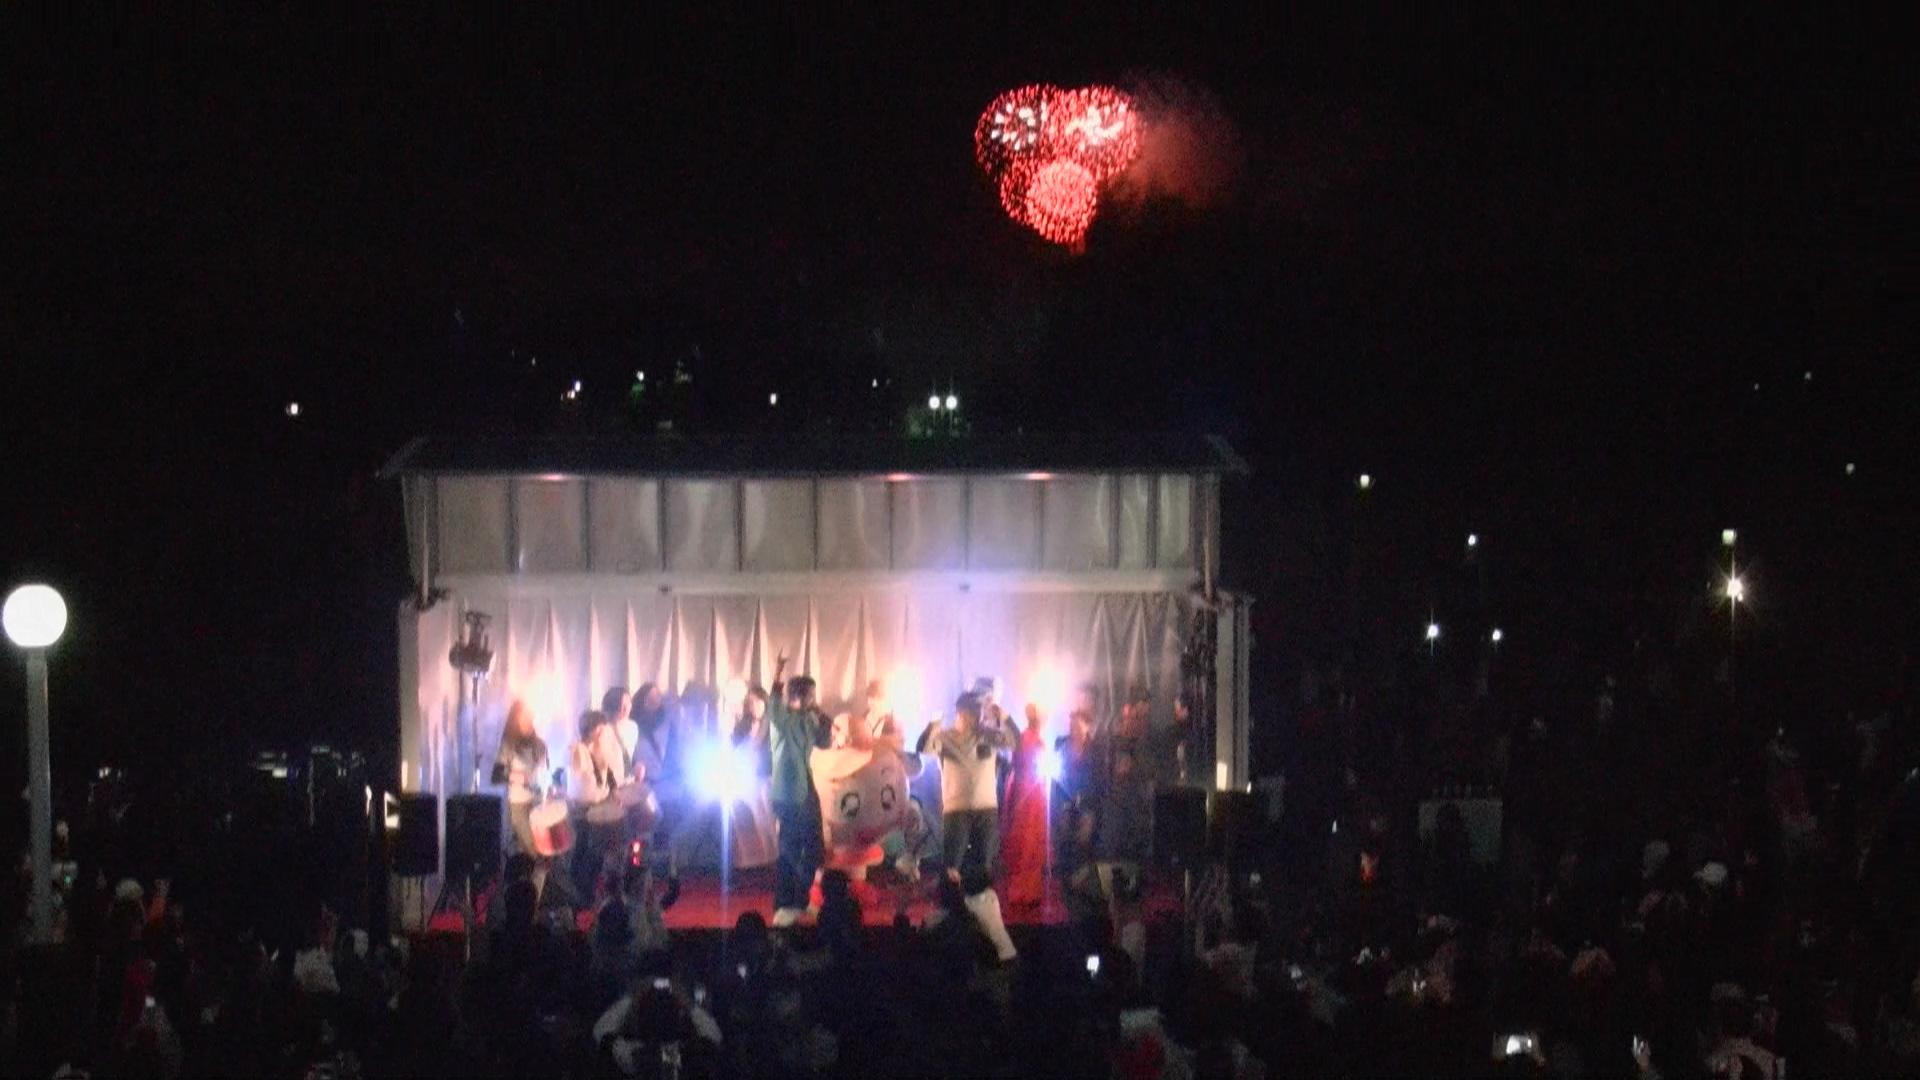 amuzen葛西臨海公園「ダイヤと花の大観覧車」カウントダウン2018